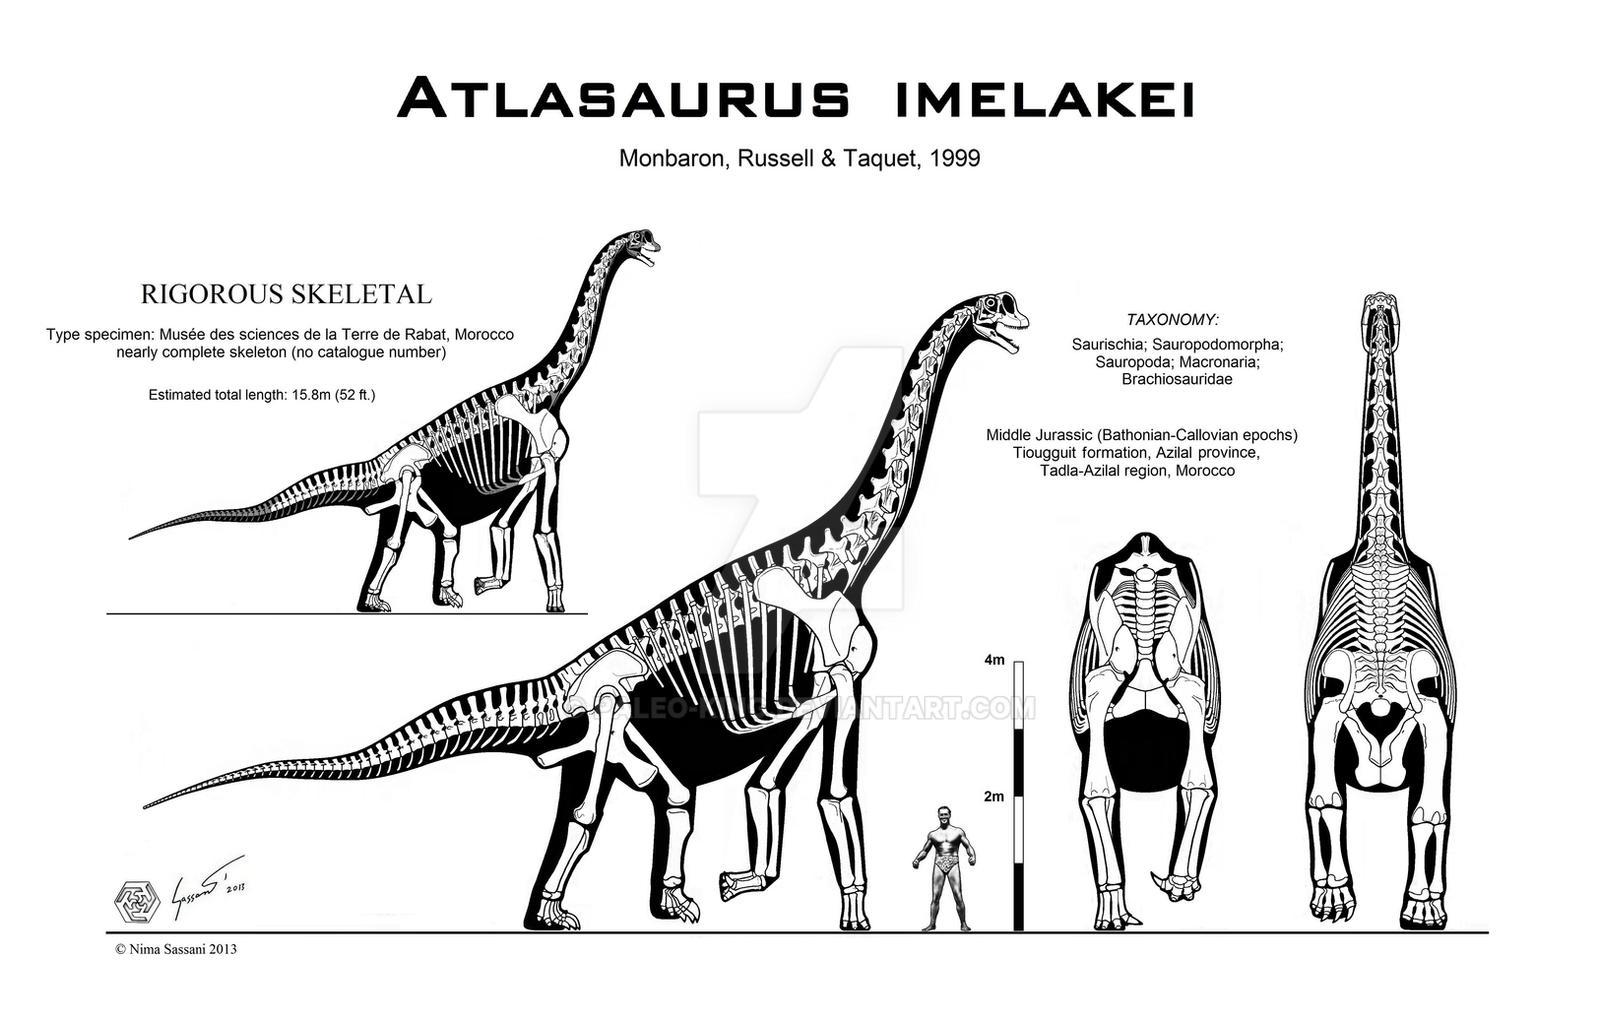 Atlasaurus imelakei skeletal